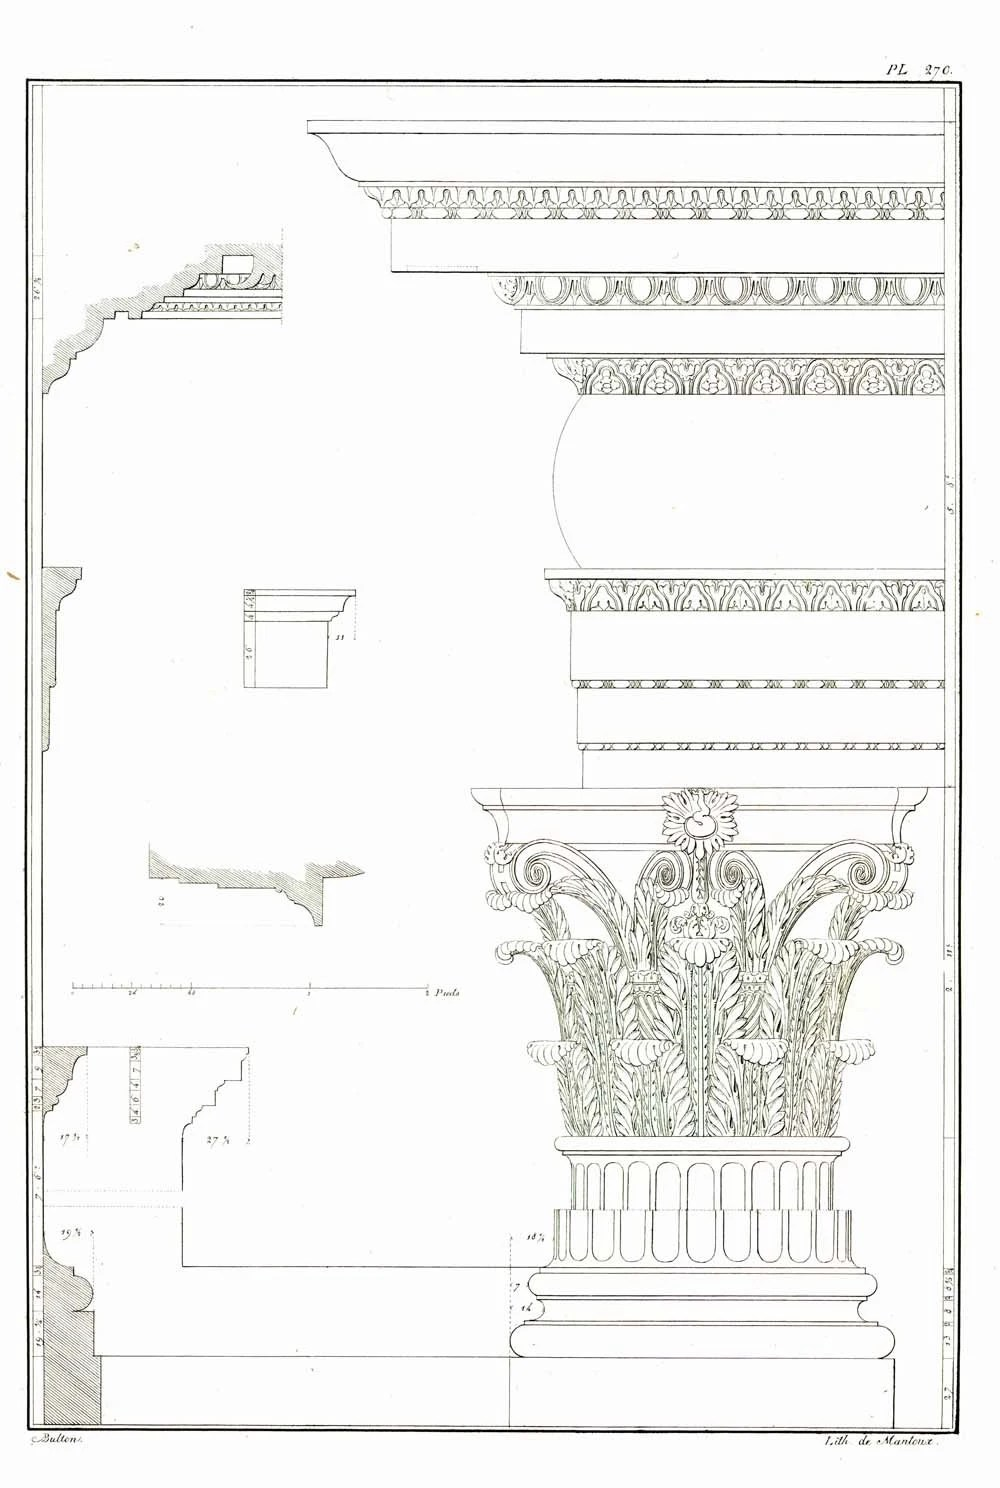 Classical Architecture Temple of Vesta 1842 Palladio